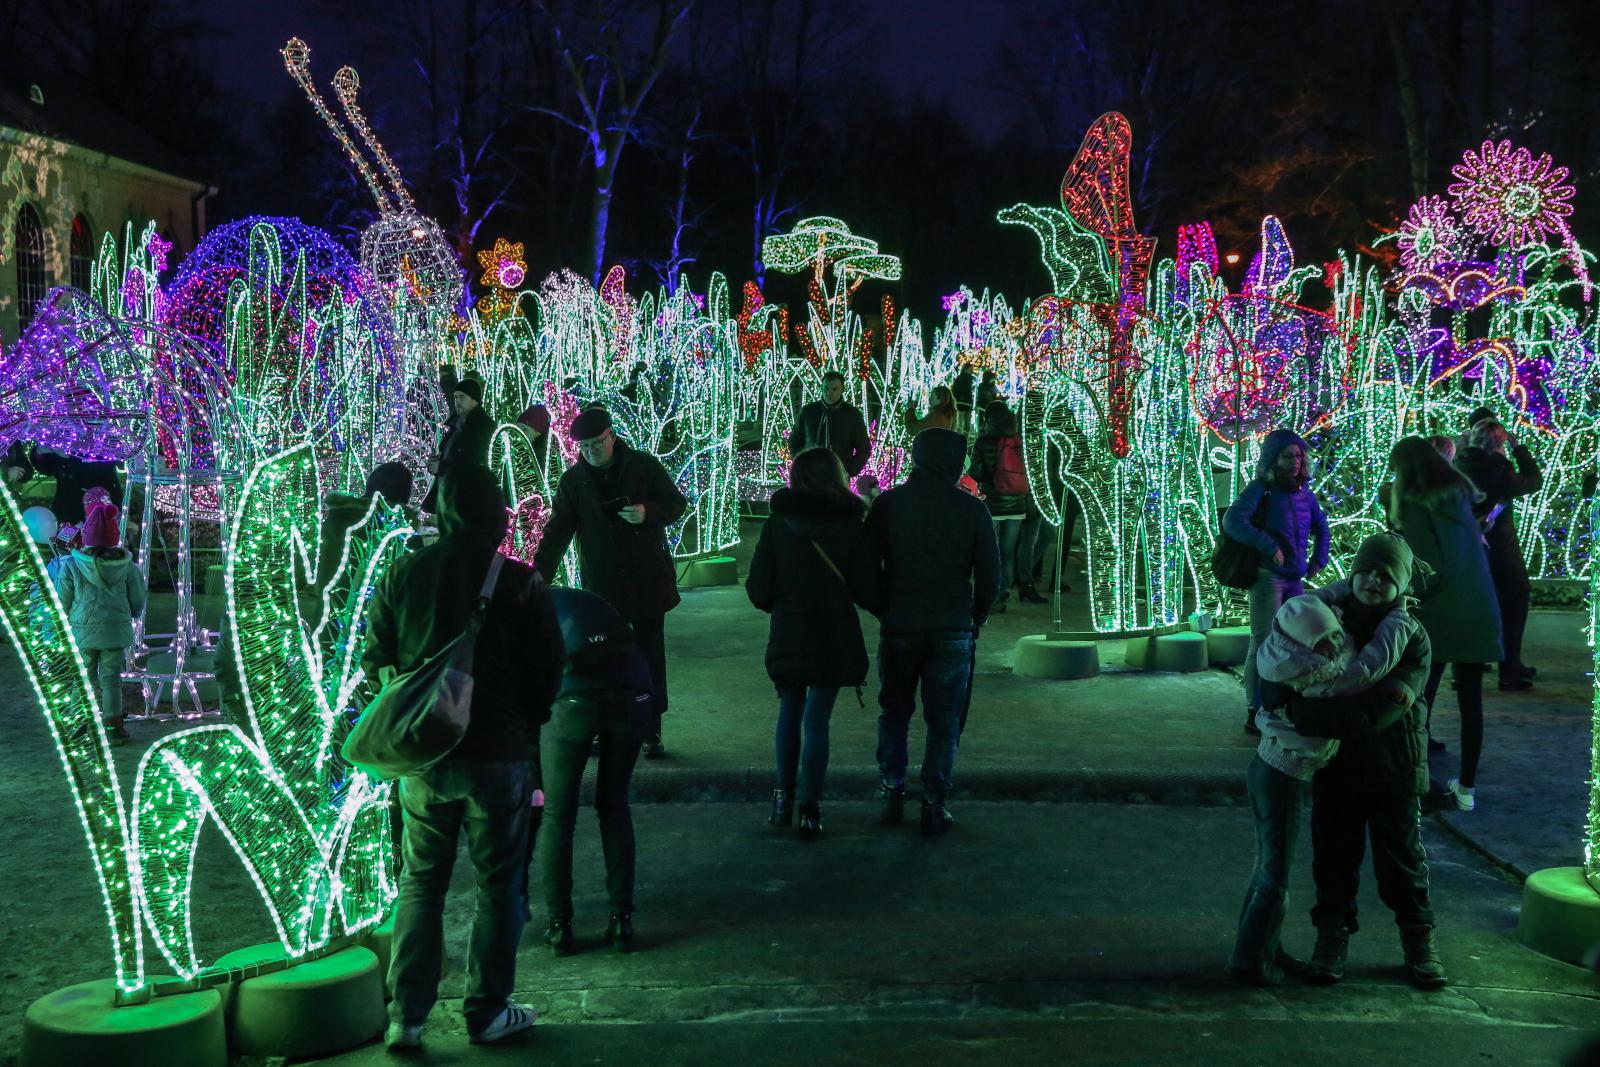 V Królewski Festiwal Światła Wilanów 2017 odbywający się w Warszawie w mijający weekend.